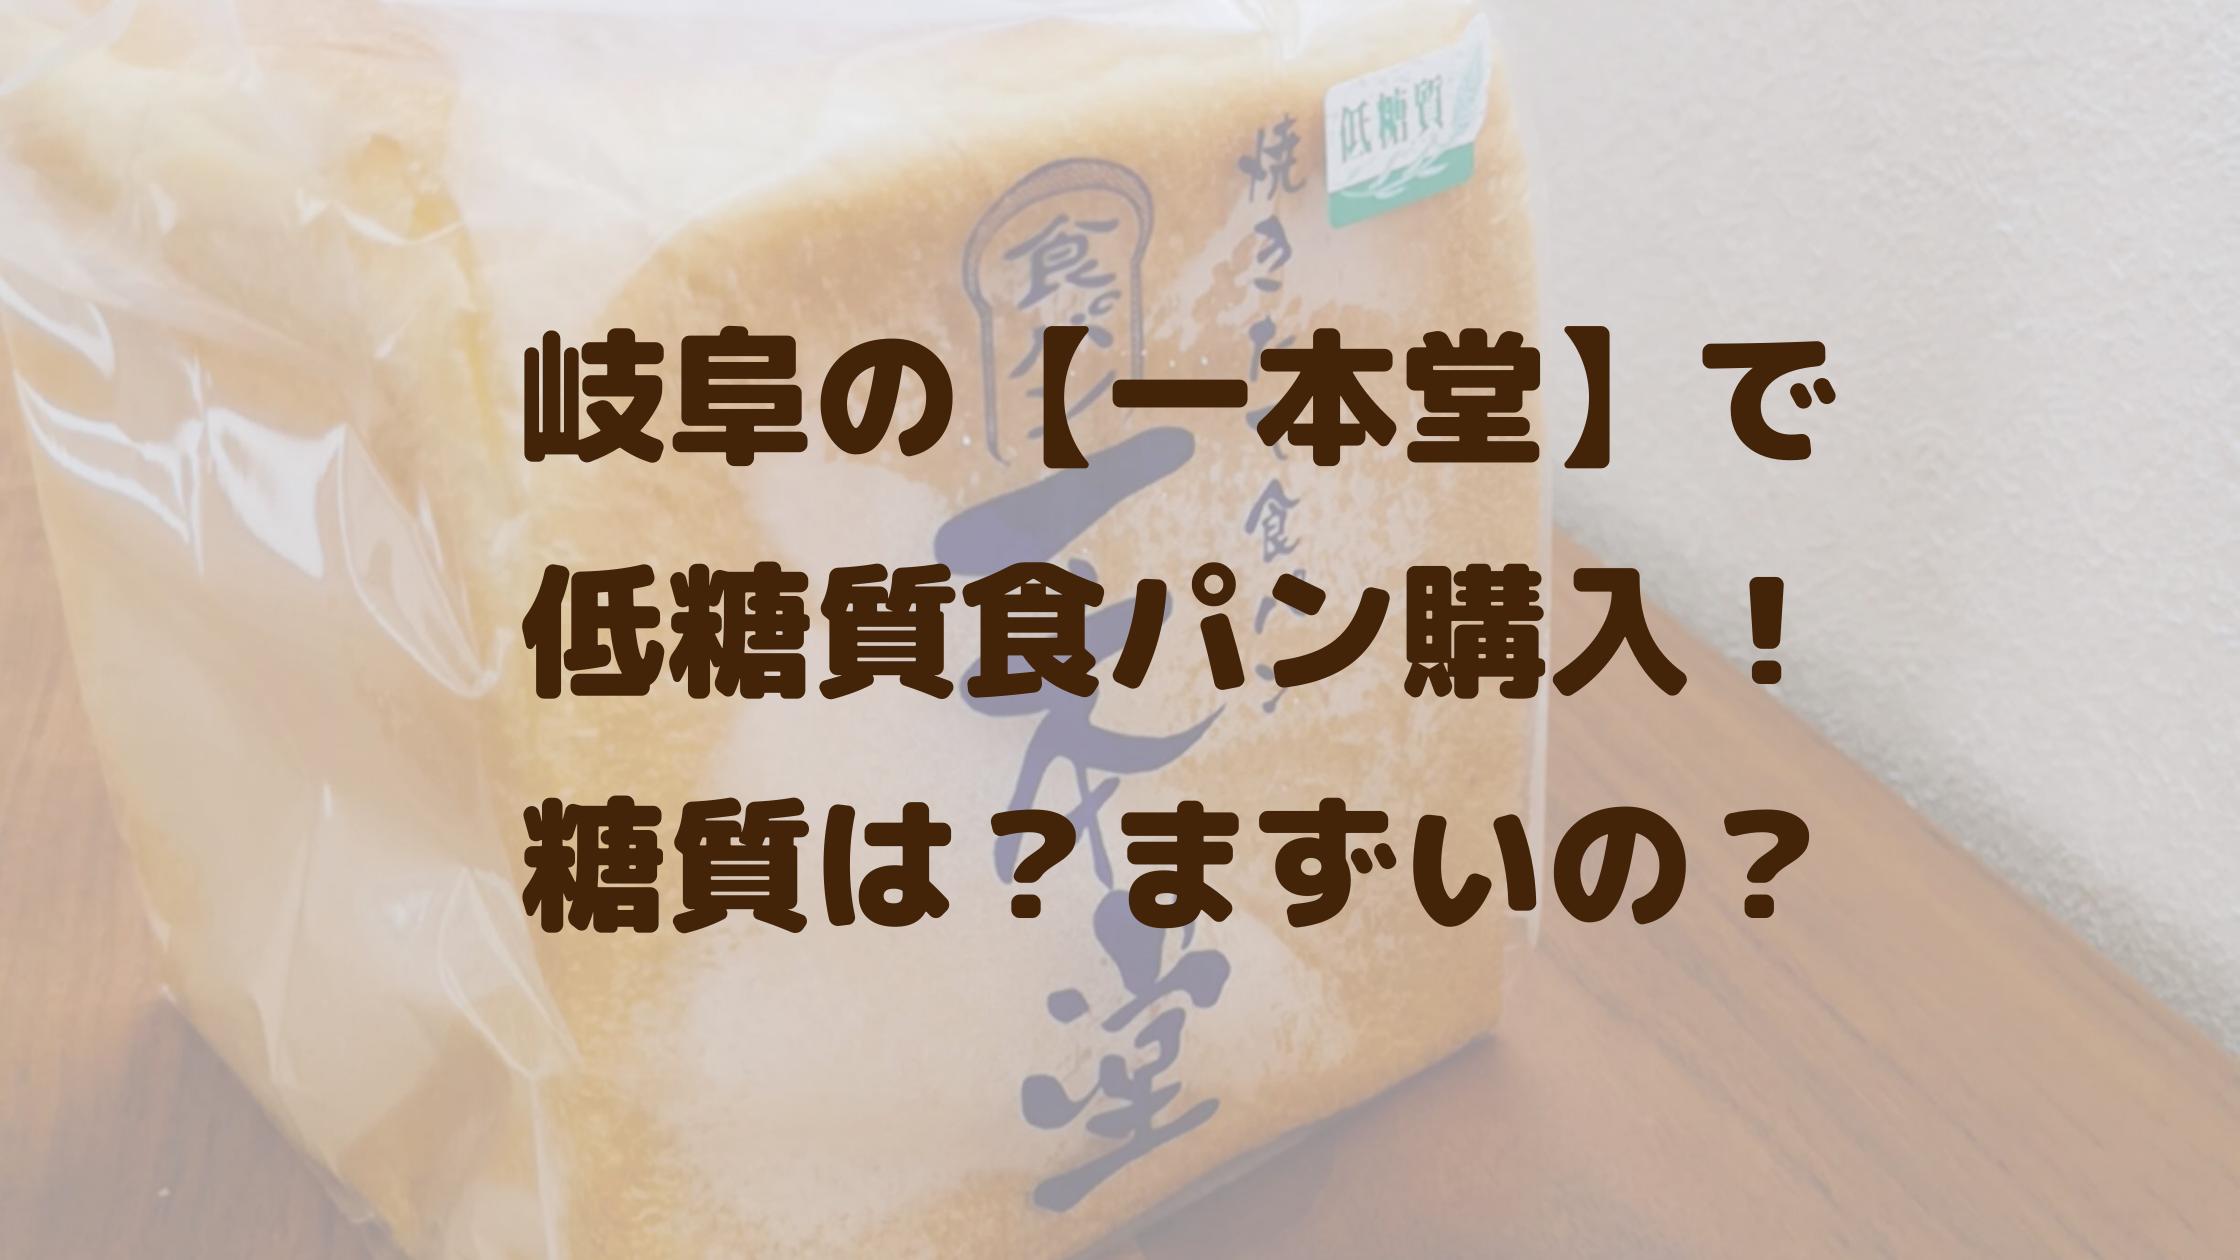 岐阜の【一本堂】で低糖質食パンを買ってみた!糖質は?まずいって本当?